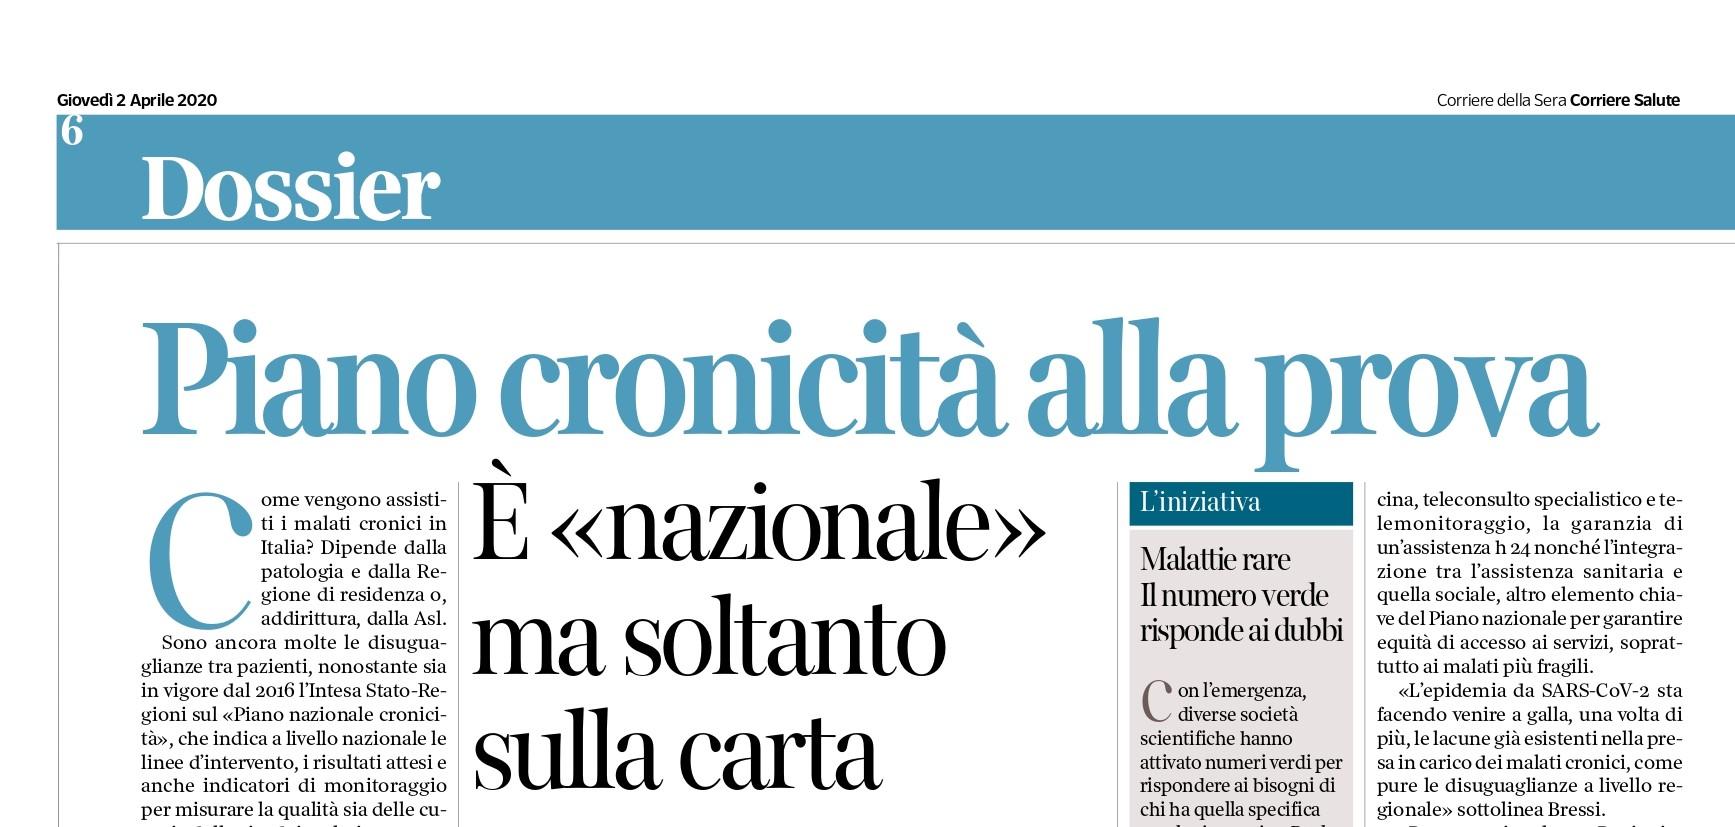 Su Corriere Salute: percorso a ostacoli per i dispositivi